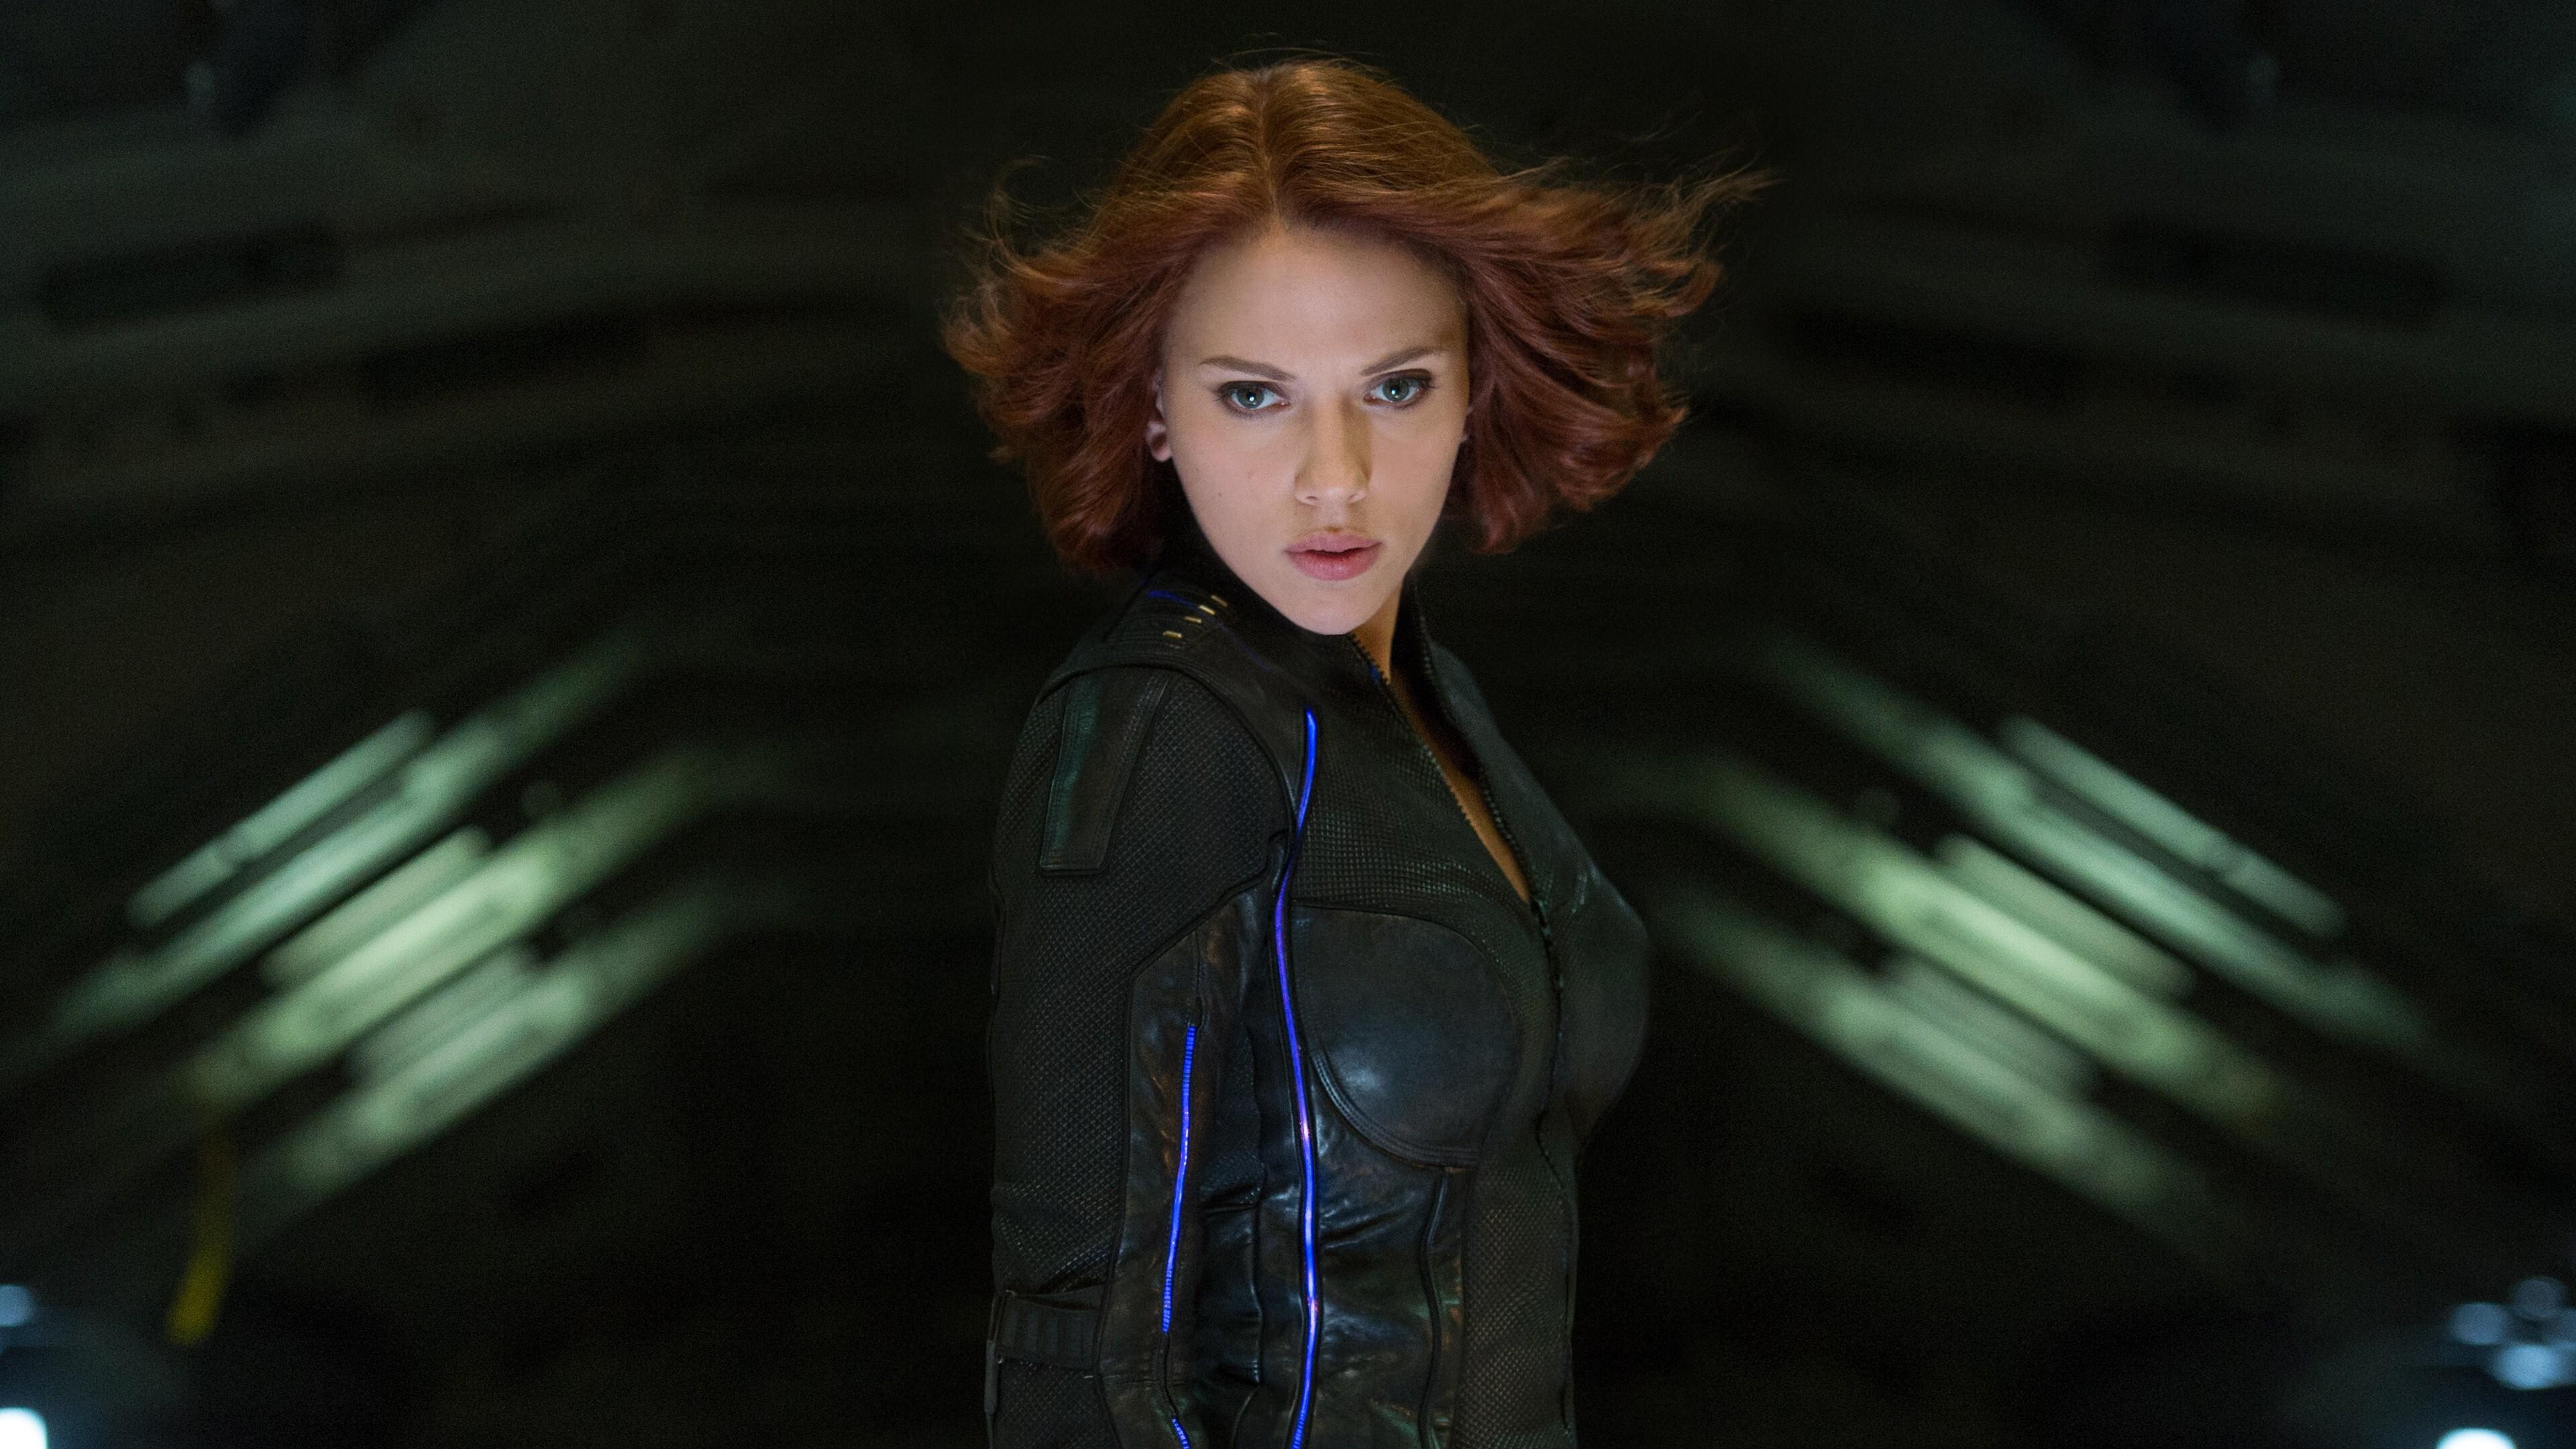 Scarlett Johansson As Black Widow Superhero 4k Wallpaper